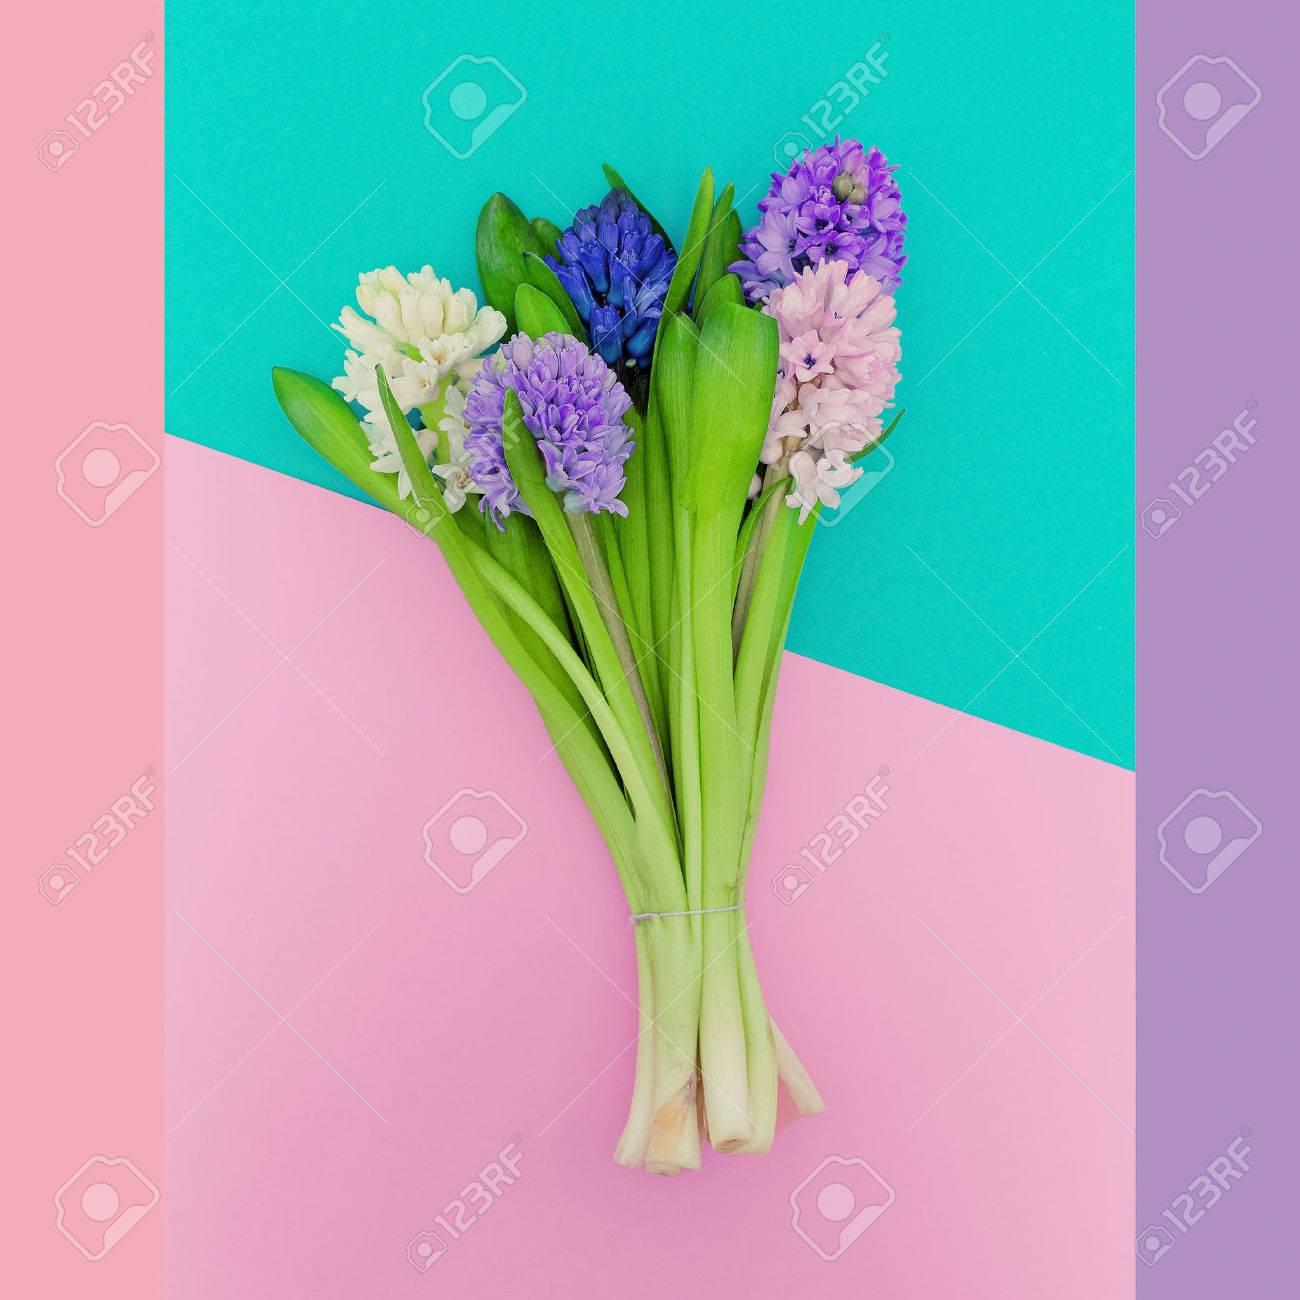 beau bouquet arôme du printemps. mode minimaliste. tendance des